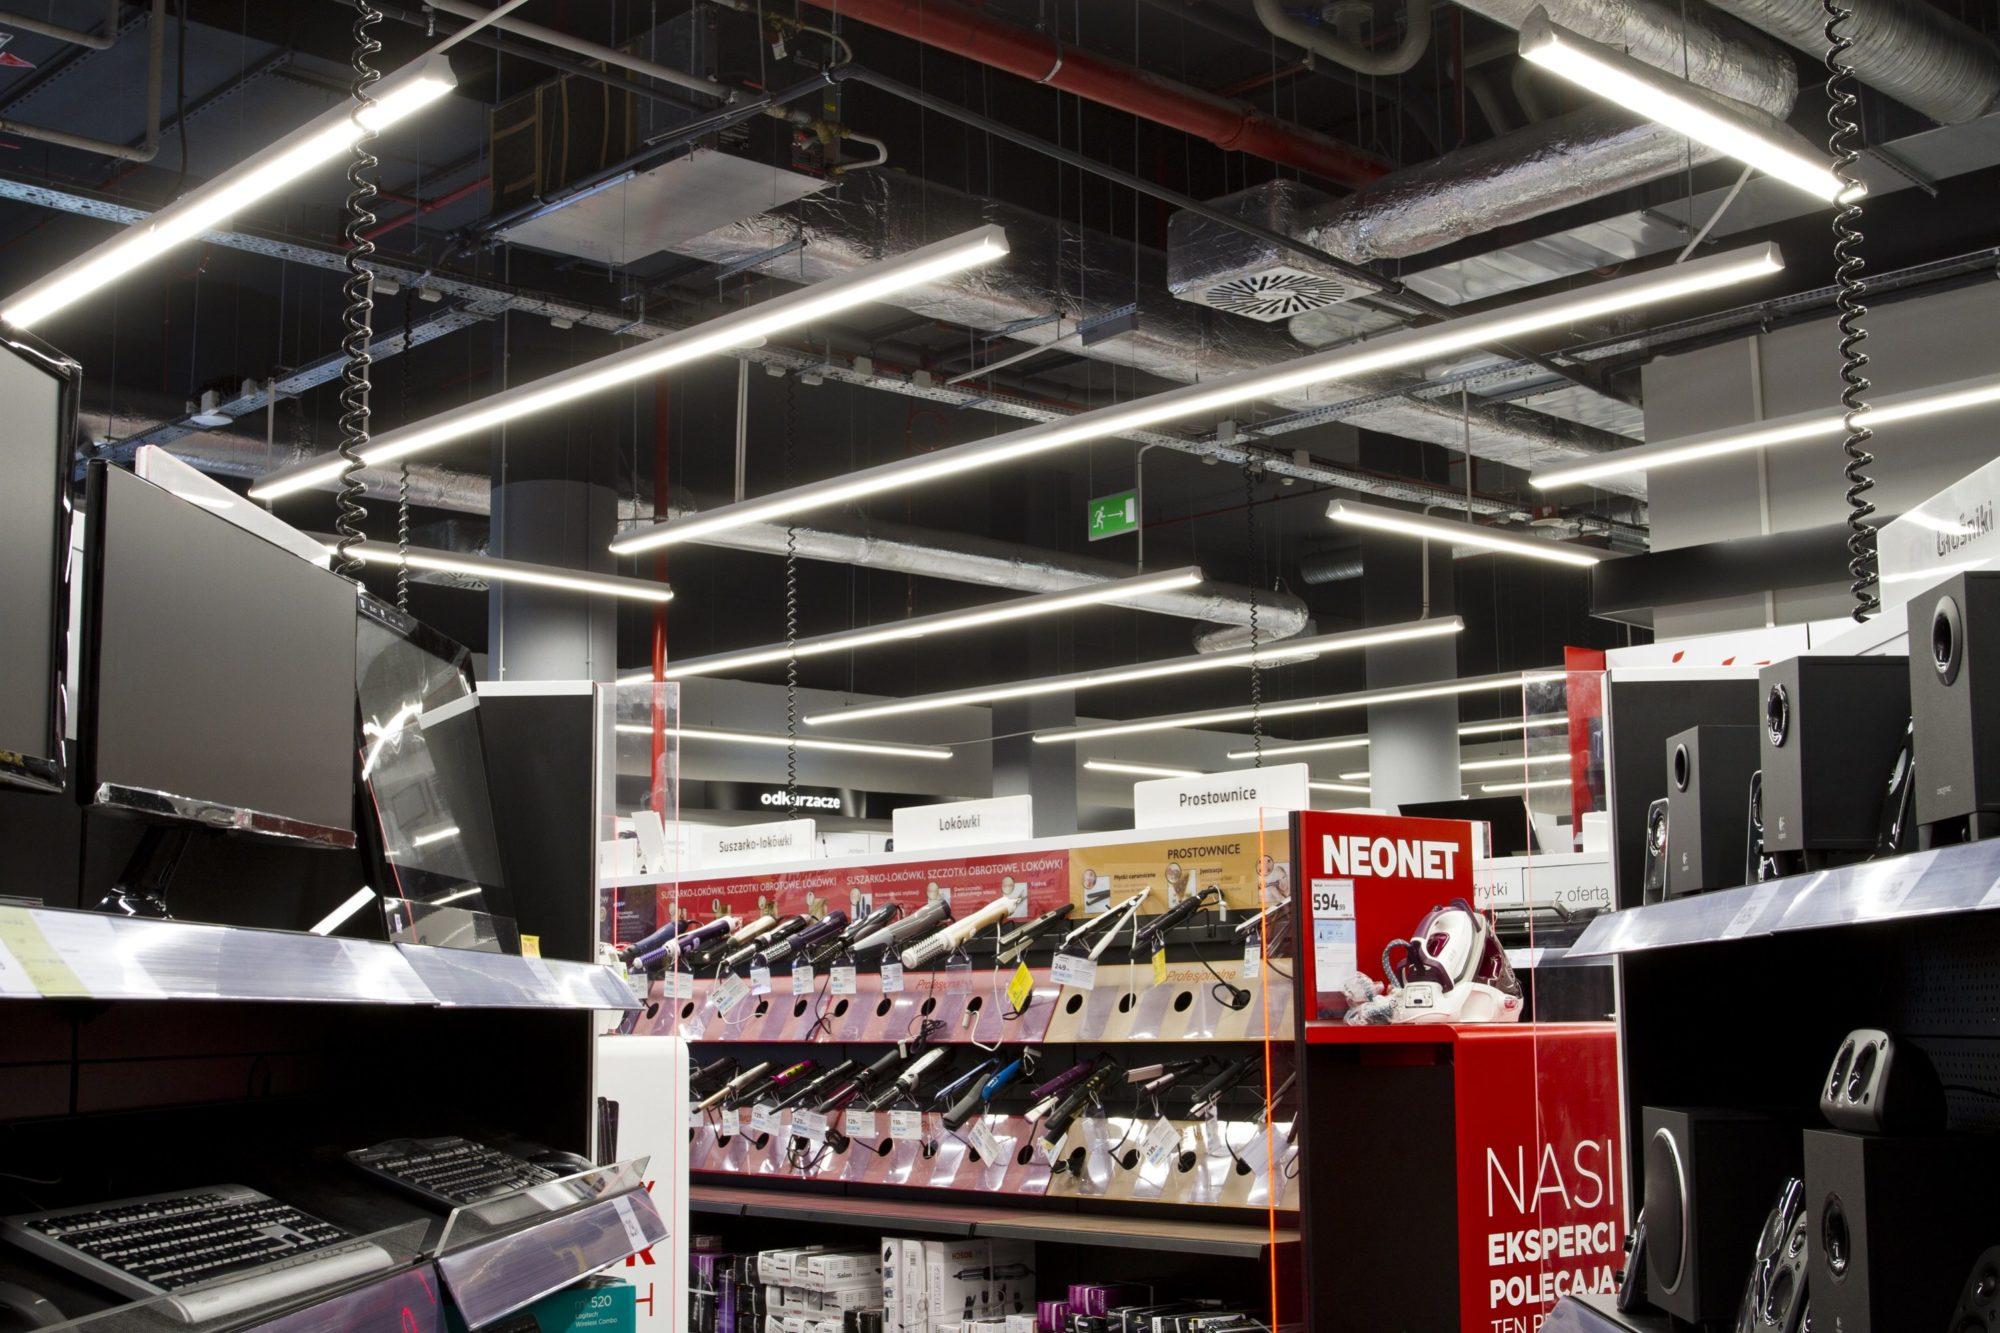 linie świetOprawy handlowe Lumline w sklepie Neonet - Luxon LEDlne w sklepie Neonet